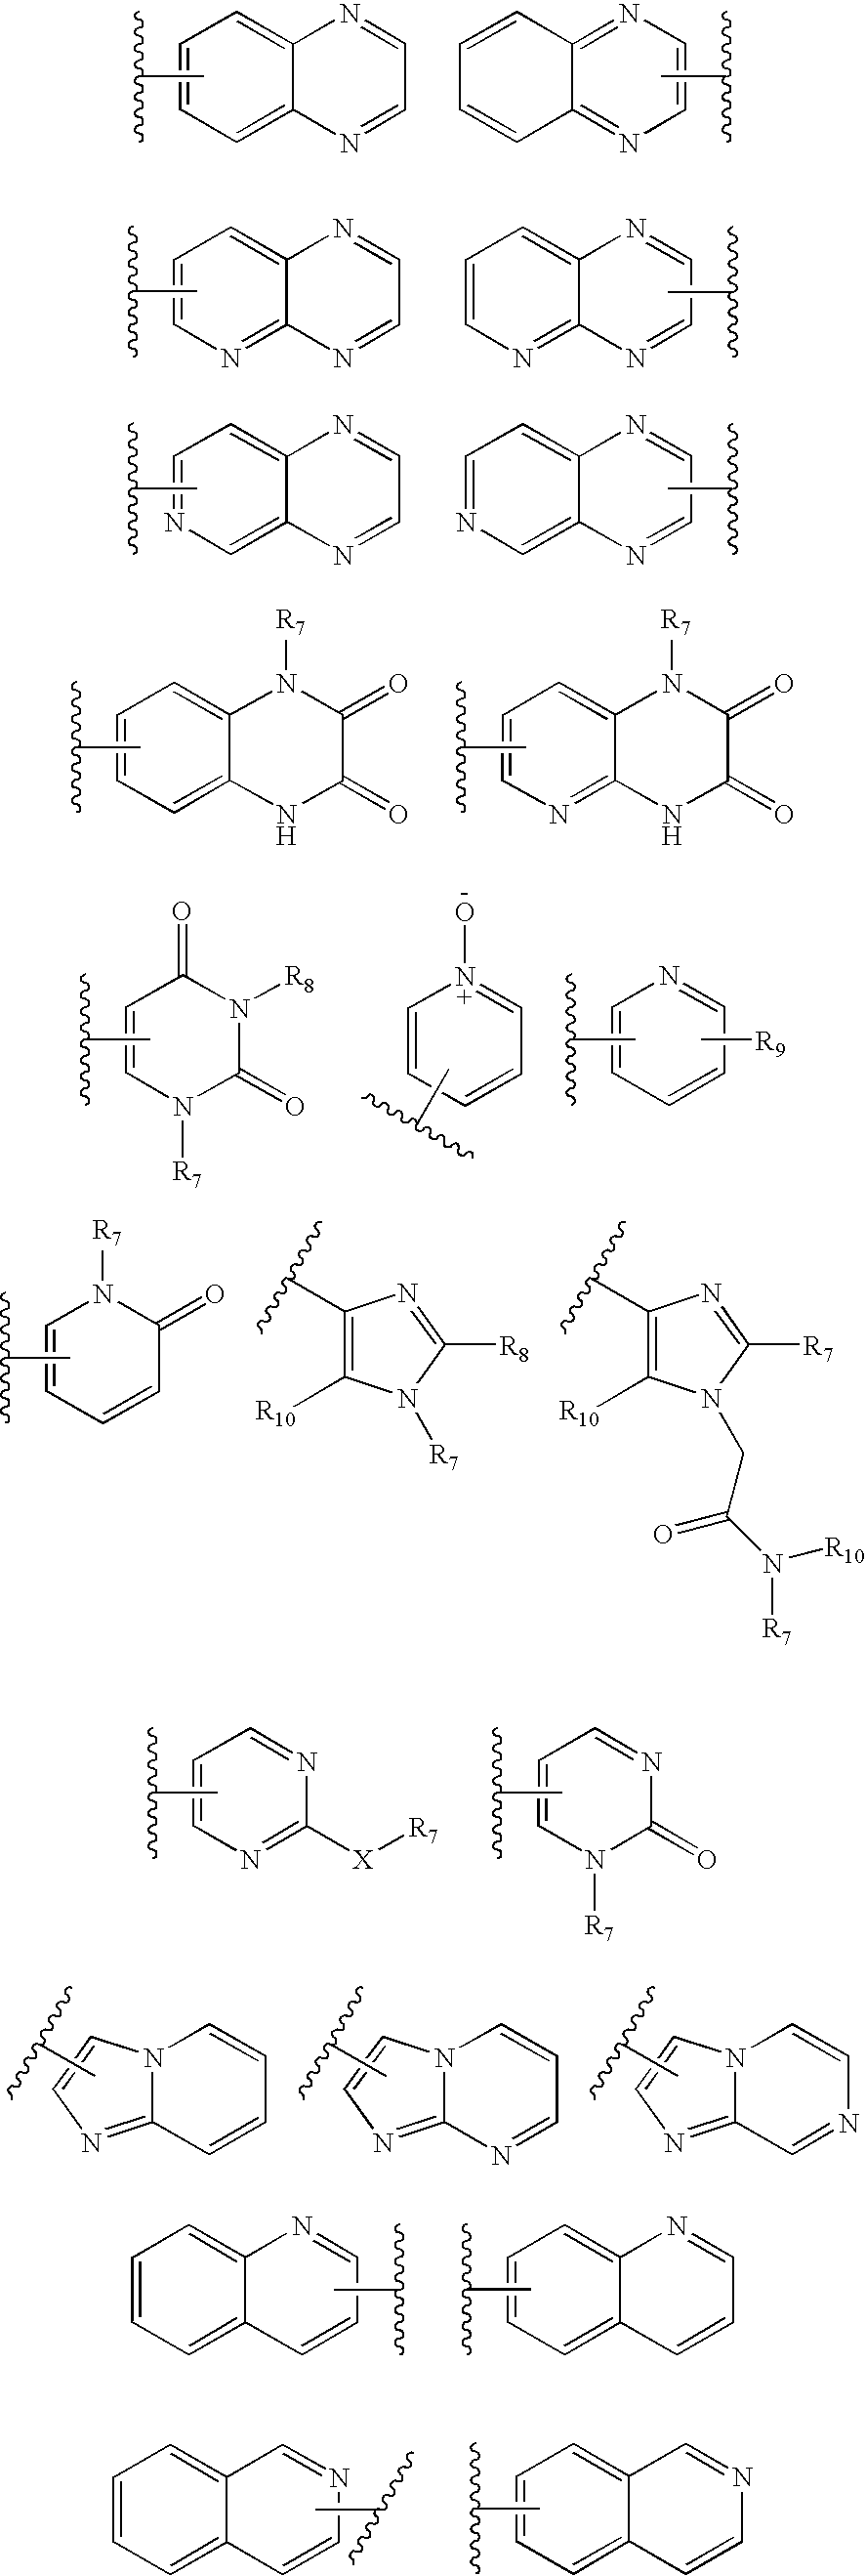 Figure US07531542-20090512-C00128